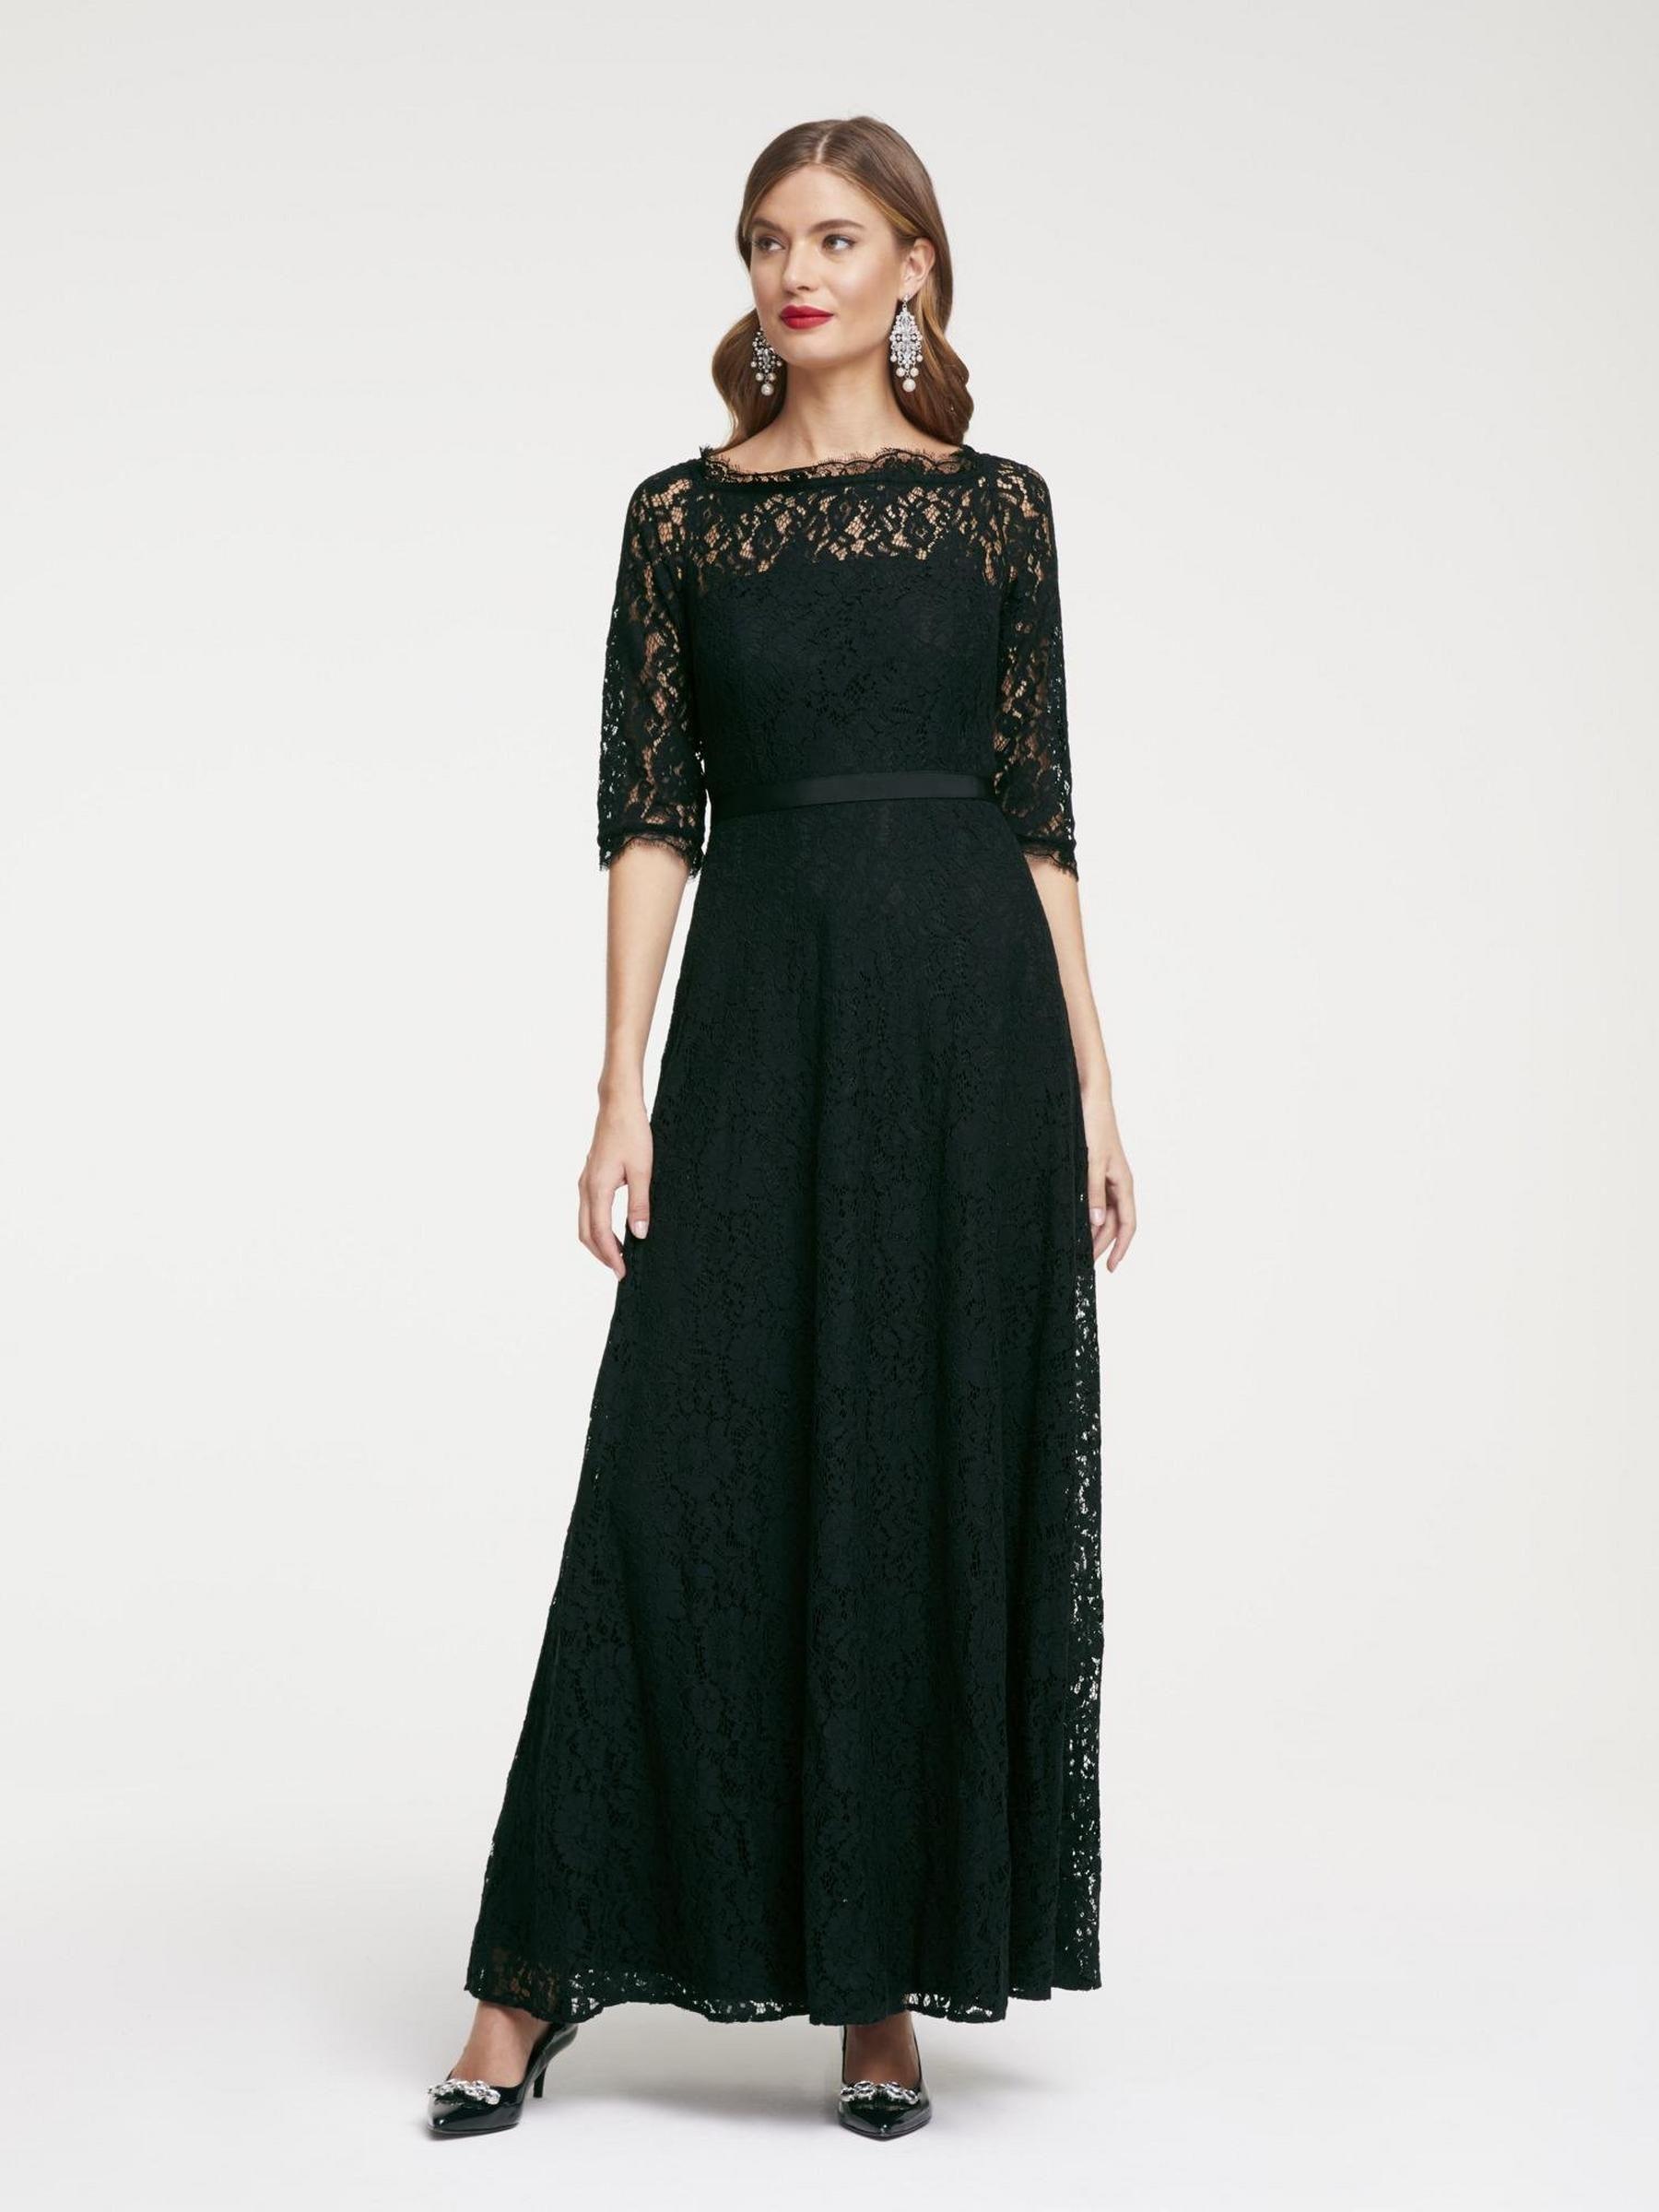 Abendkleid aus Spitze in 10  Abendkleid, Brautjungfern kleider